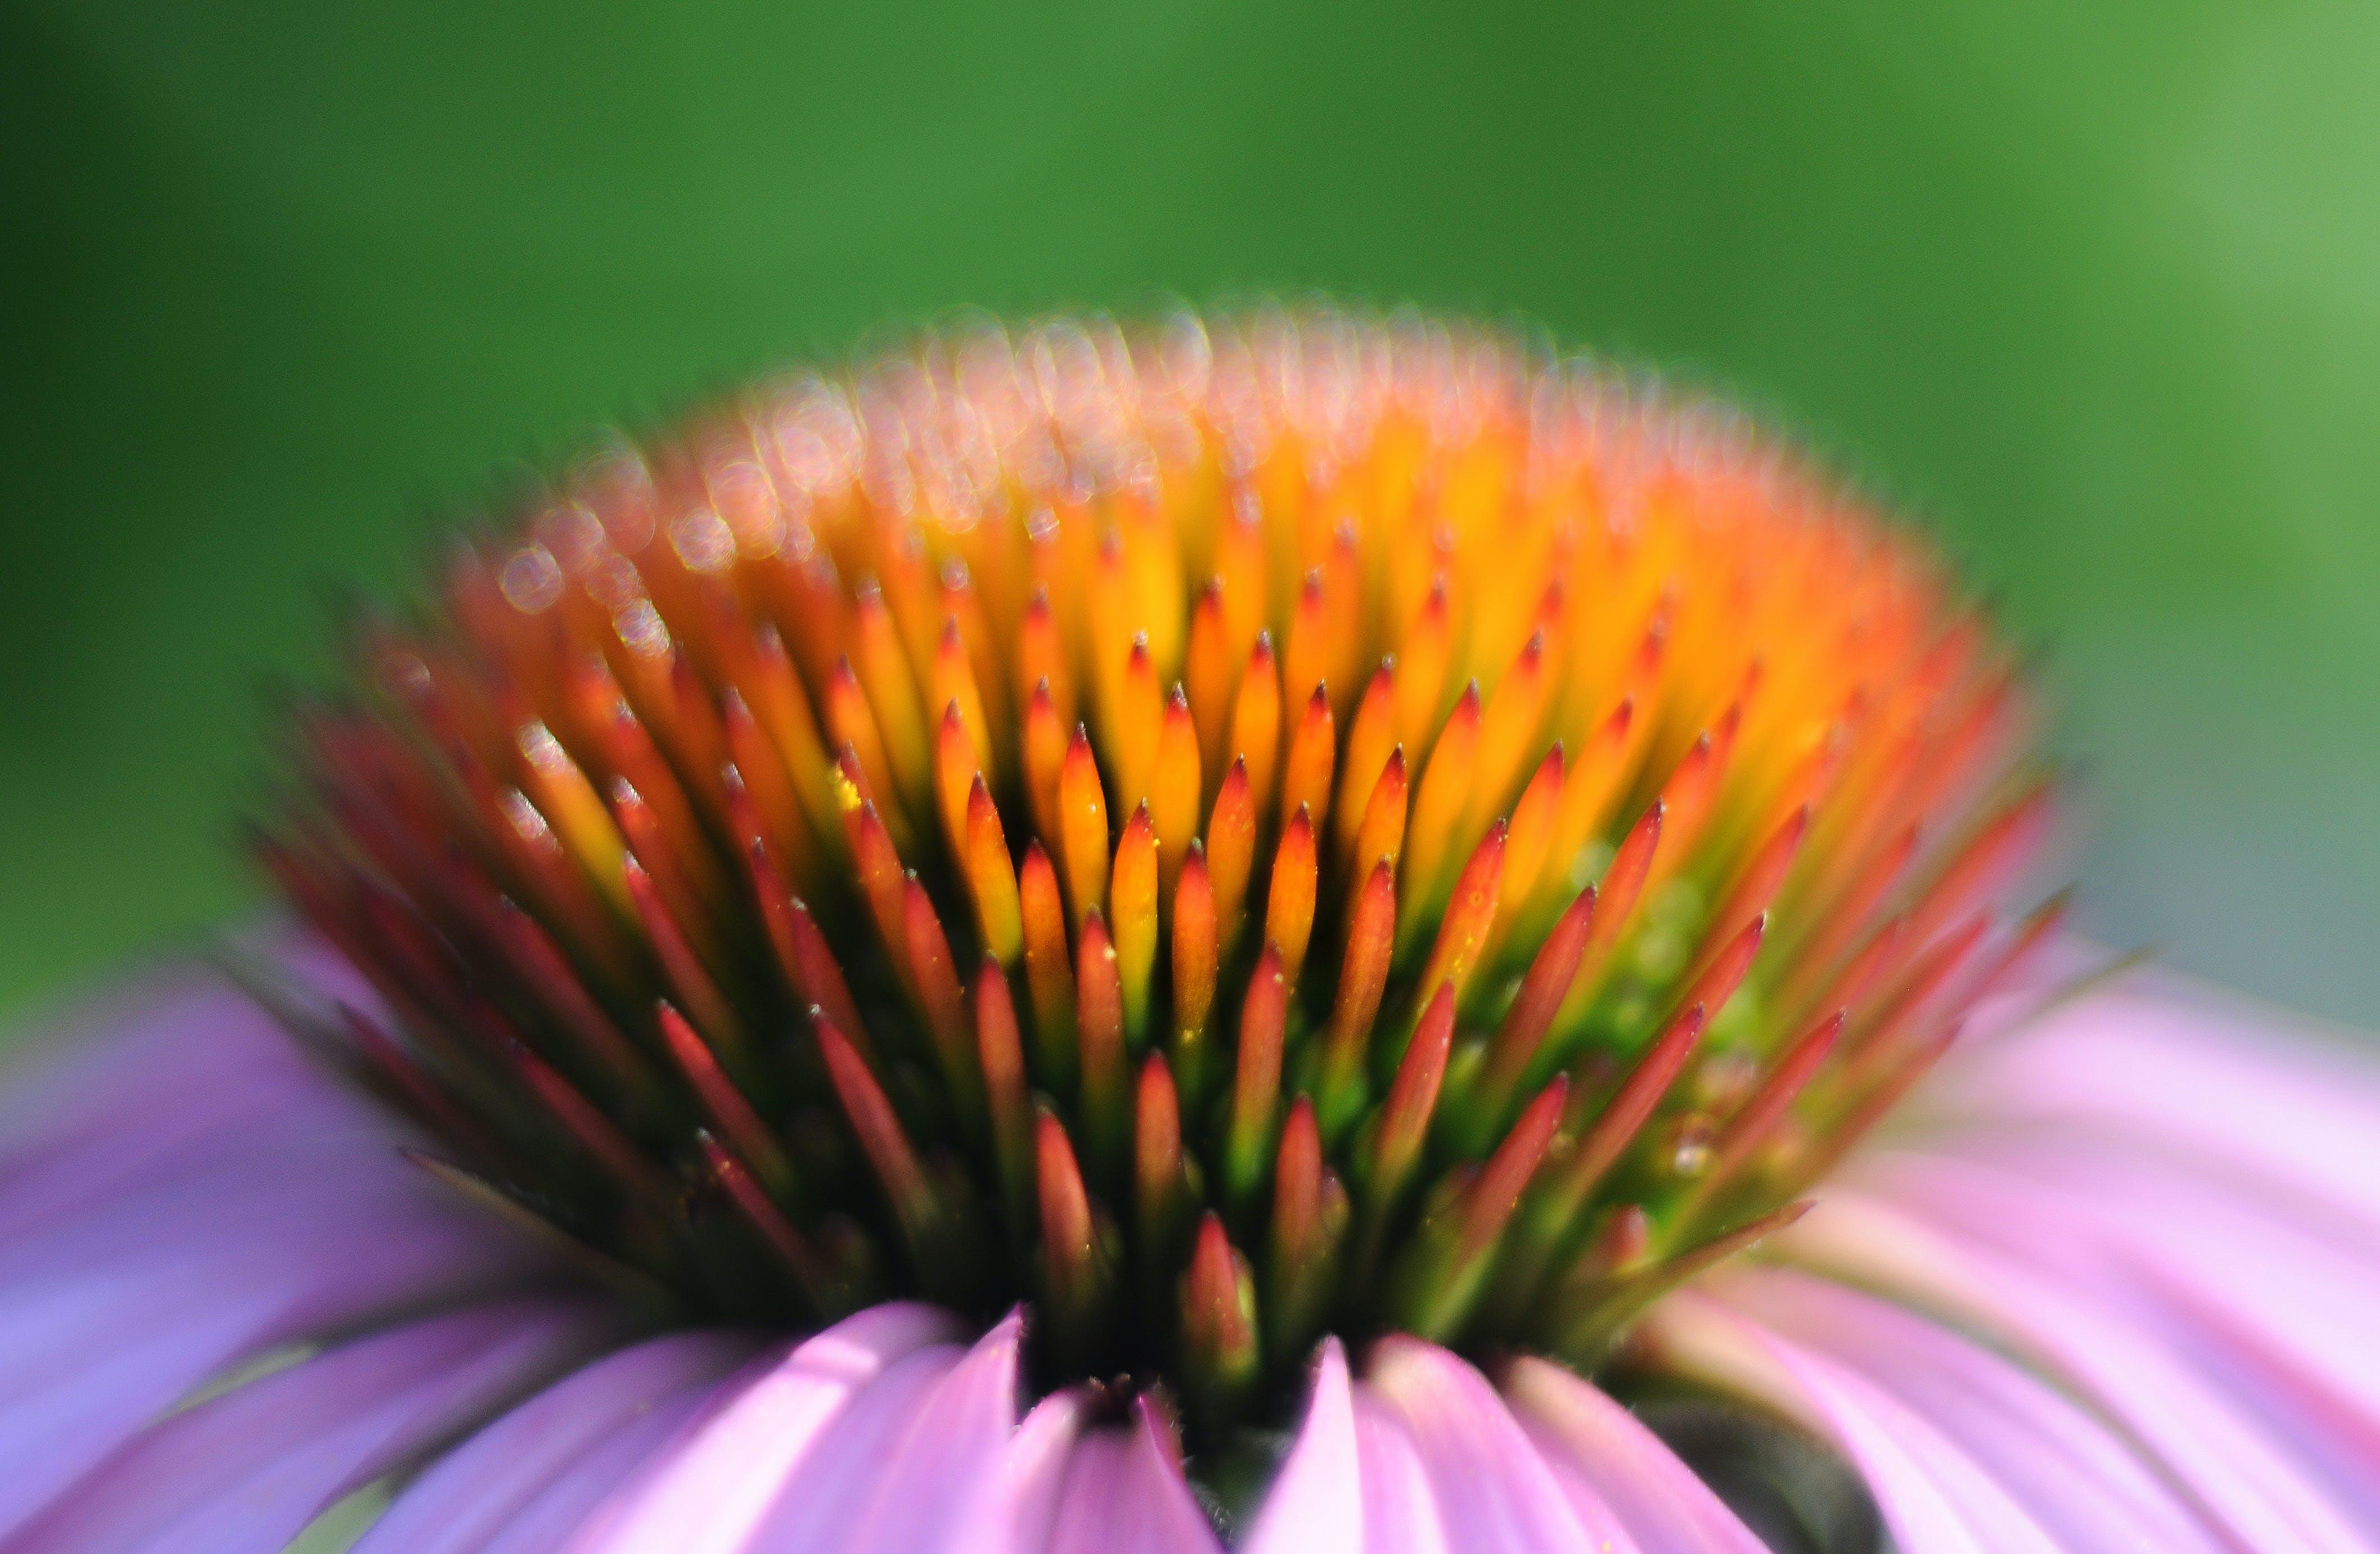 Gratis stockfoto met bloem, close-up view, coneflowers, dichtbij